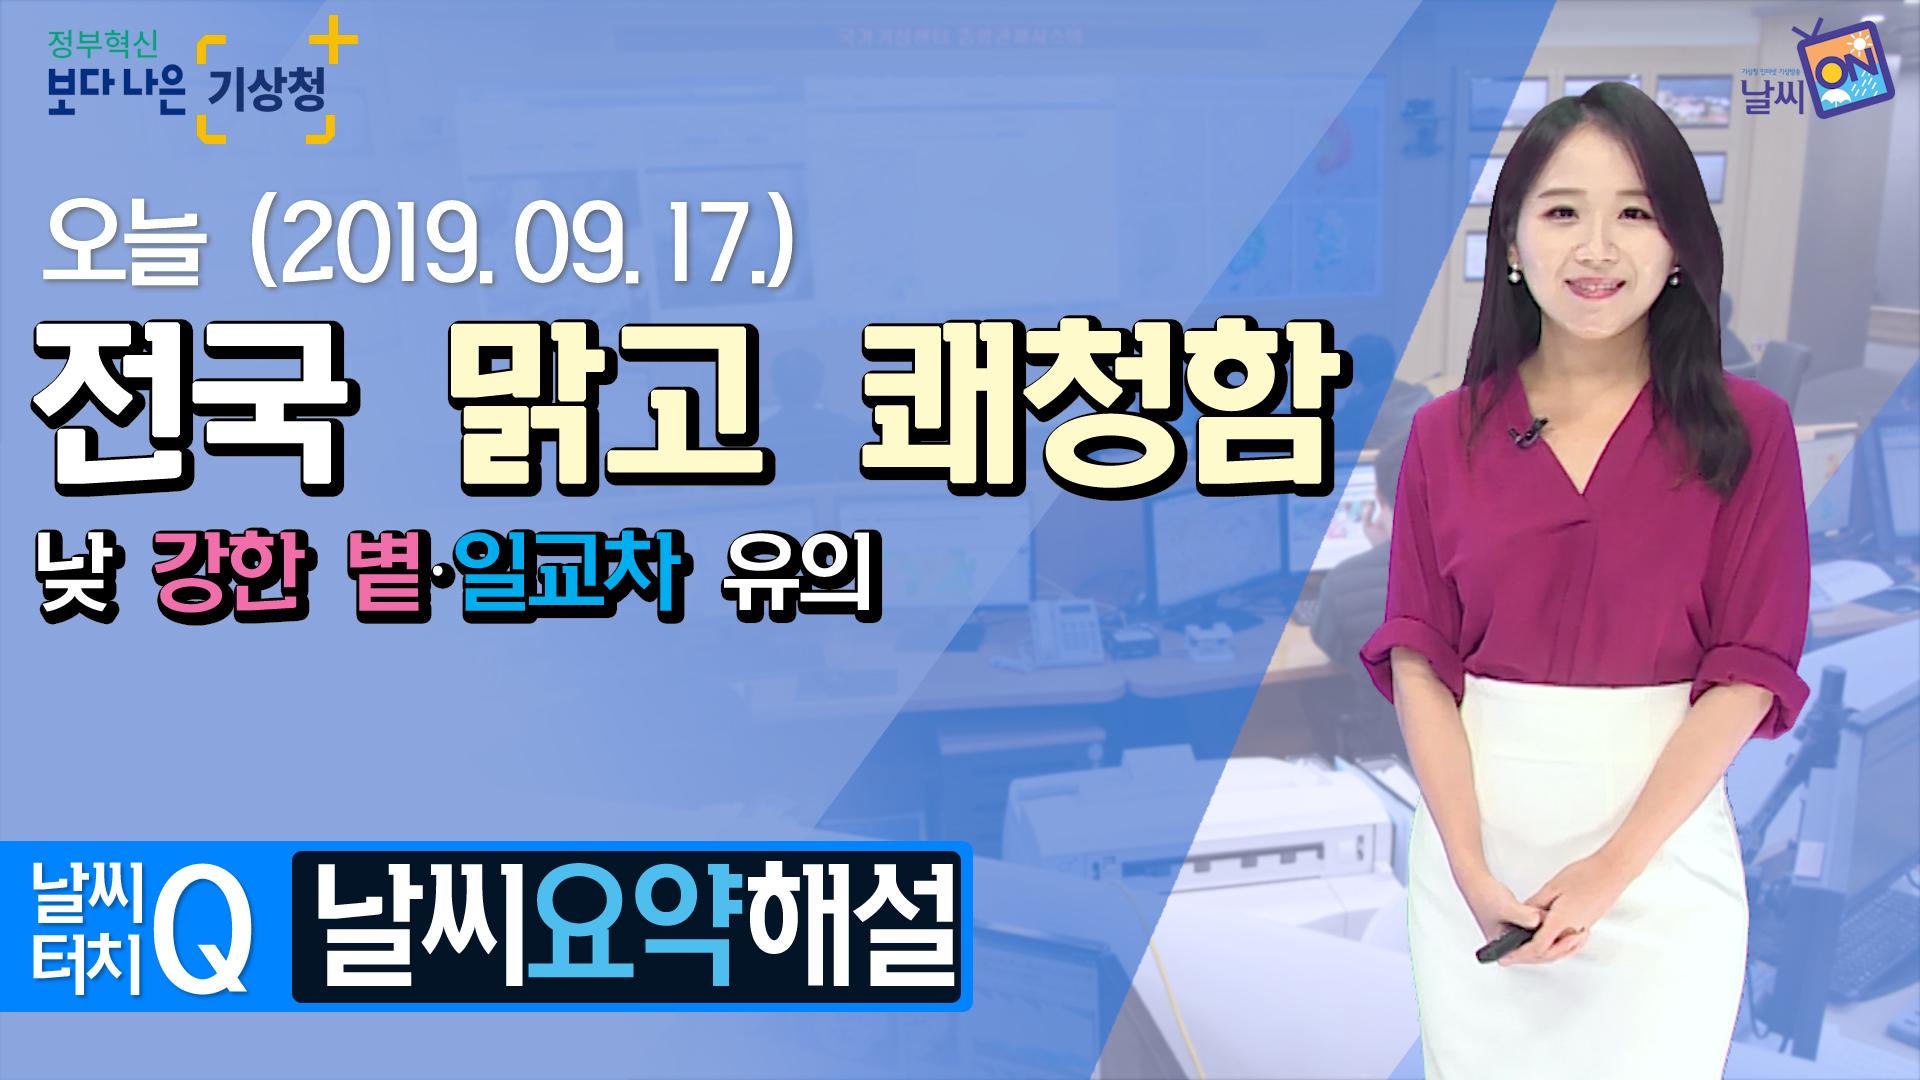 [11시] 9월 17일(화) 전국 맑고 쾌청한 날씨,  내륙 한낮 강한 볕, 일교차 유의